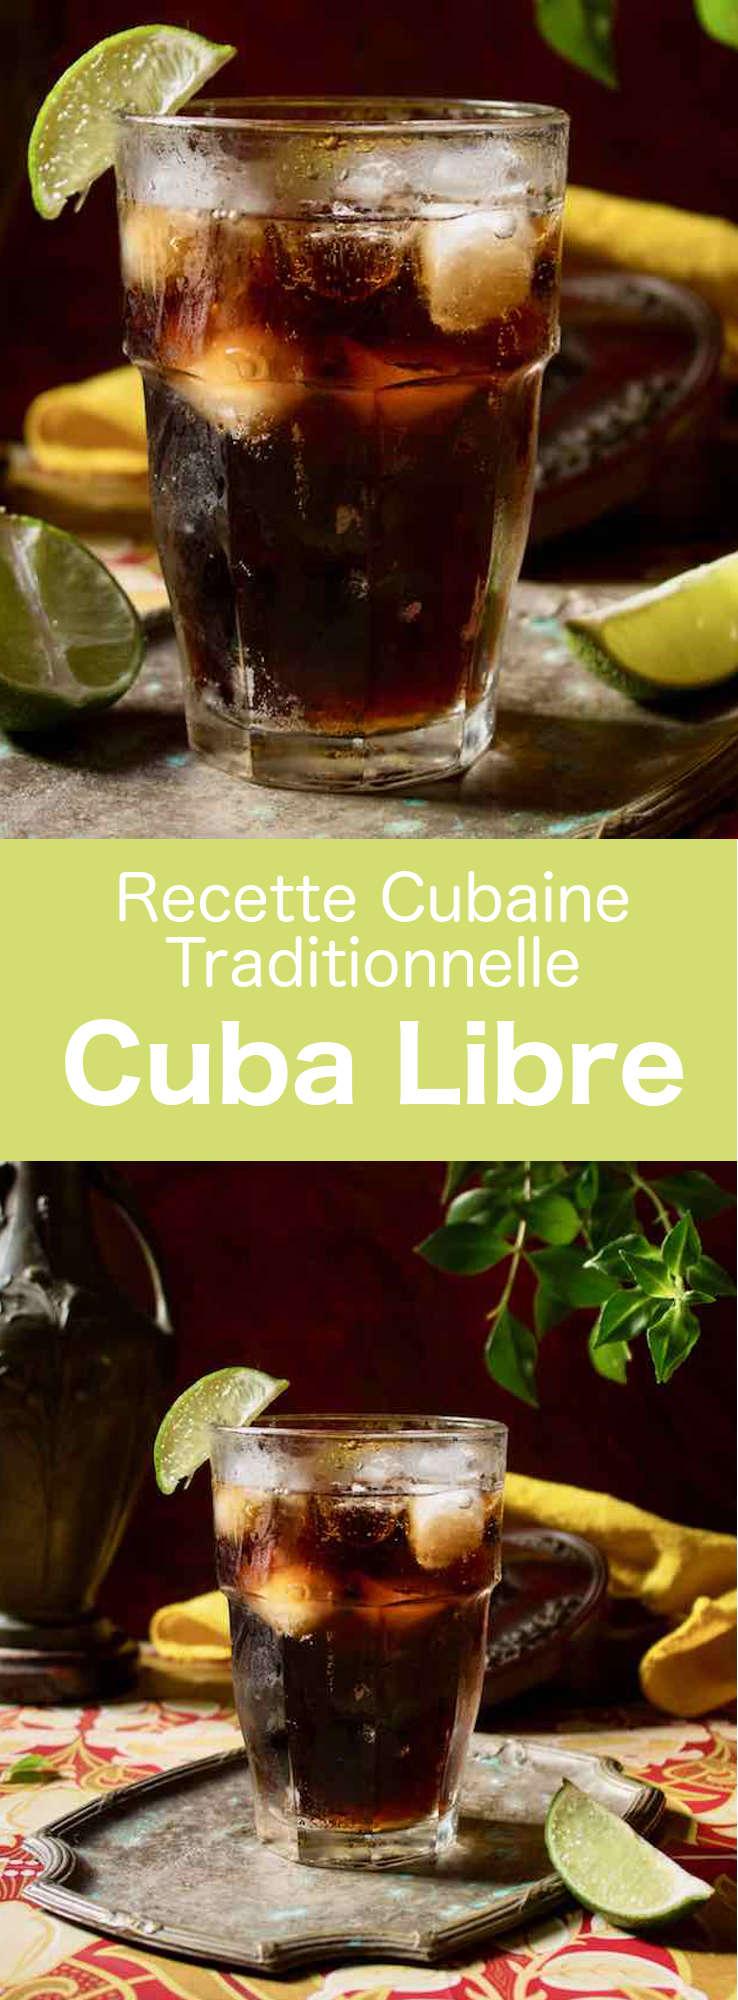 Le Cuba Libre est un cocktail cubain traditionnel qui se prépare avec du Coca-Cola, du rhum blanc, et du citron vert, le tout servi avec des glaçons. #Cuba #CocktailCubain #RecetteCubaine #Cocktail #CuisineDuMonde #196flavors